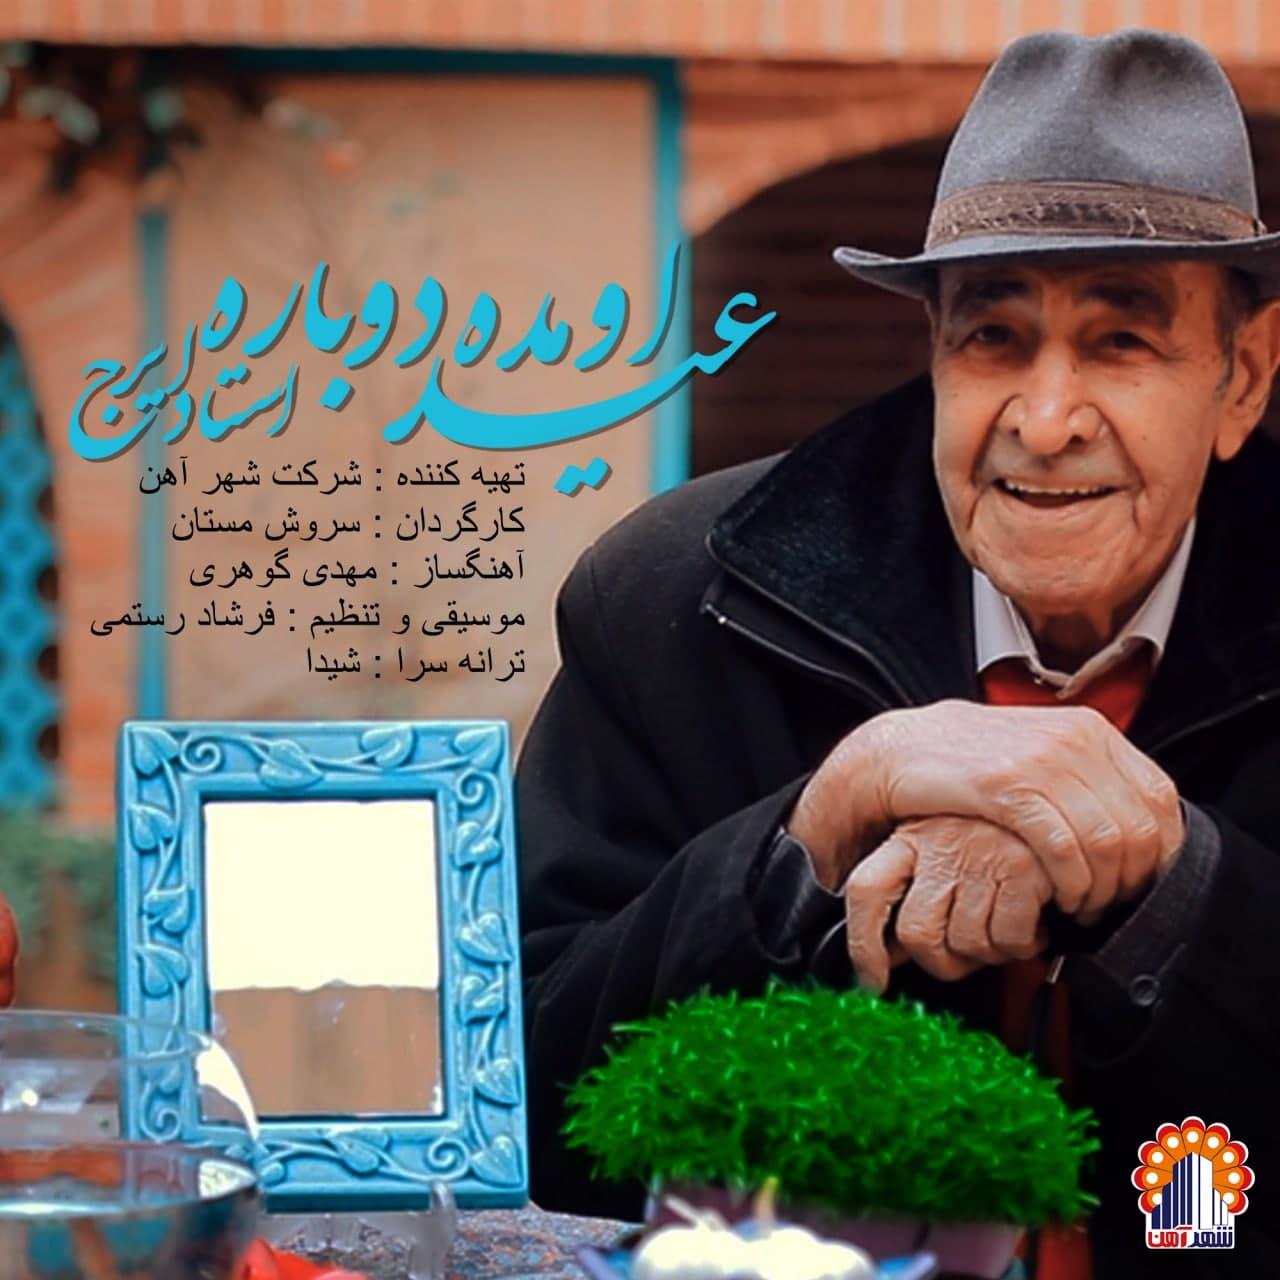 دانلود آهنگ جدید ایرج خواجه امیری عید اومده دوباره